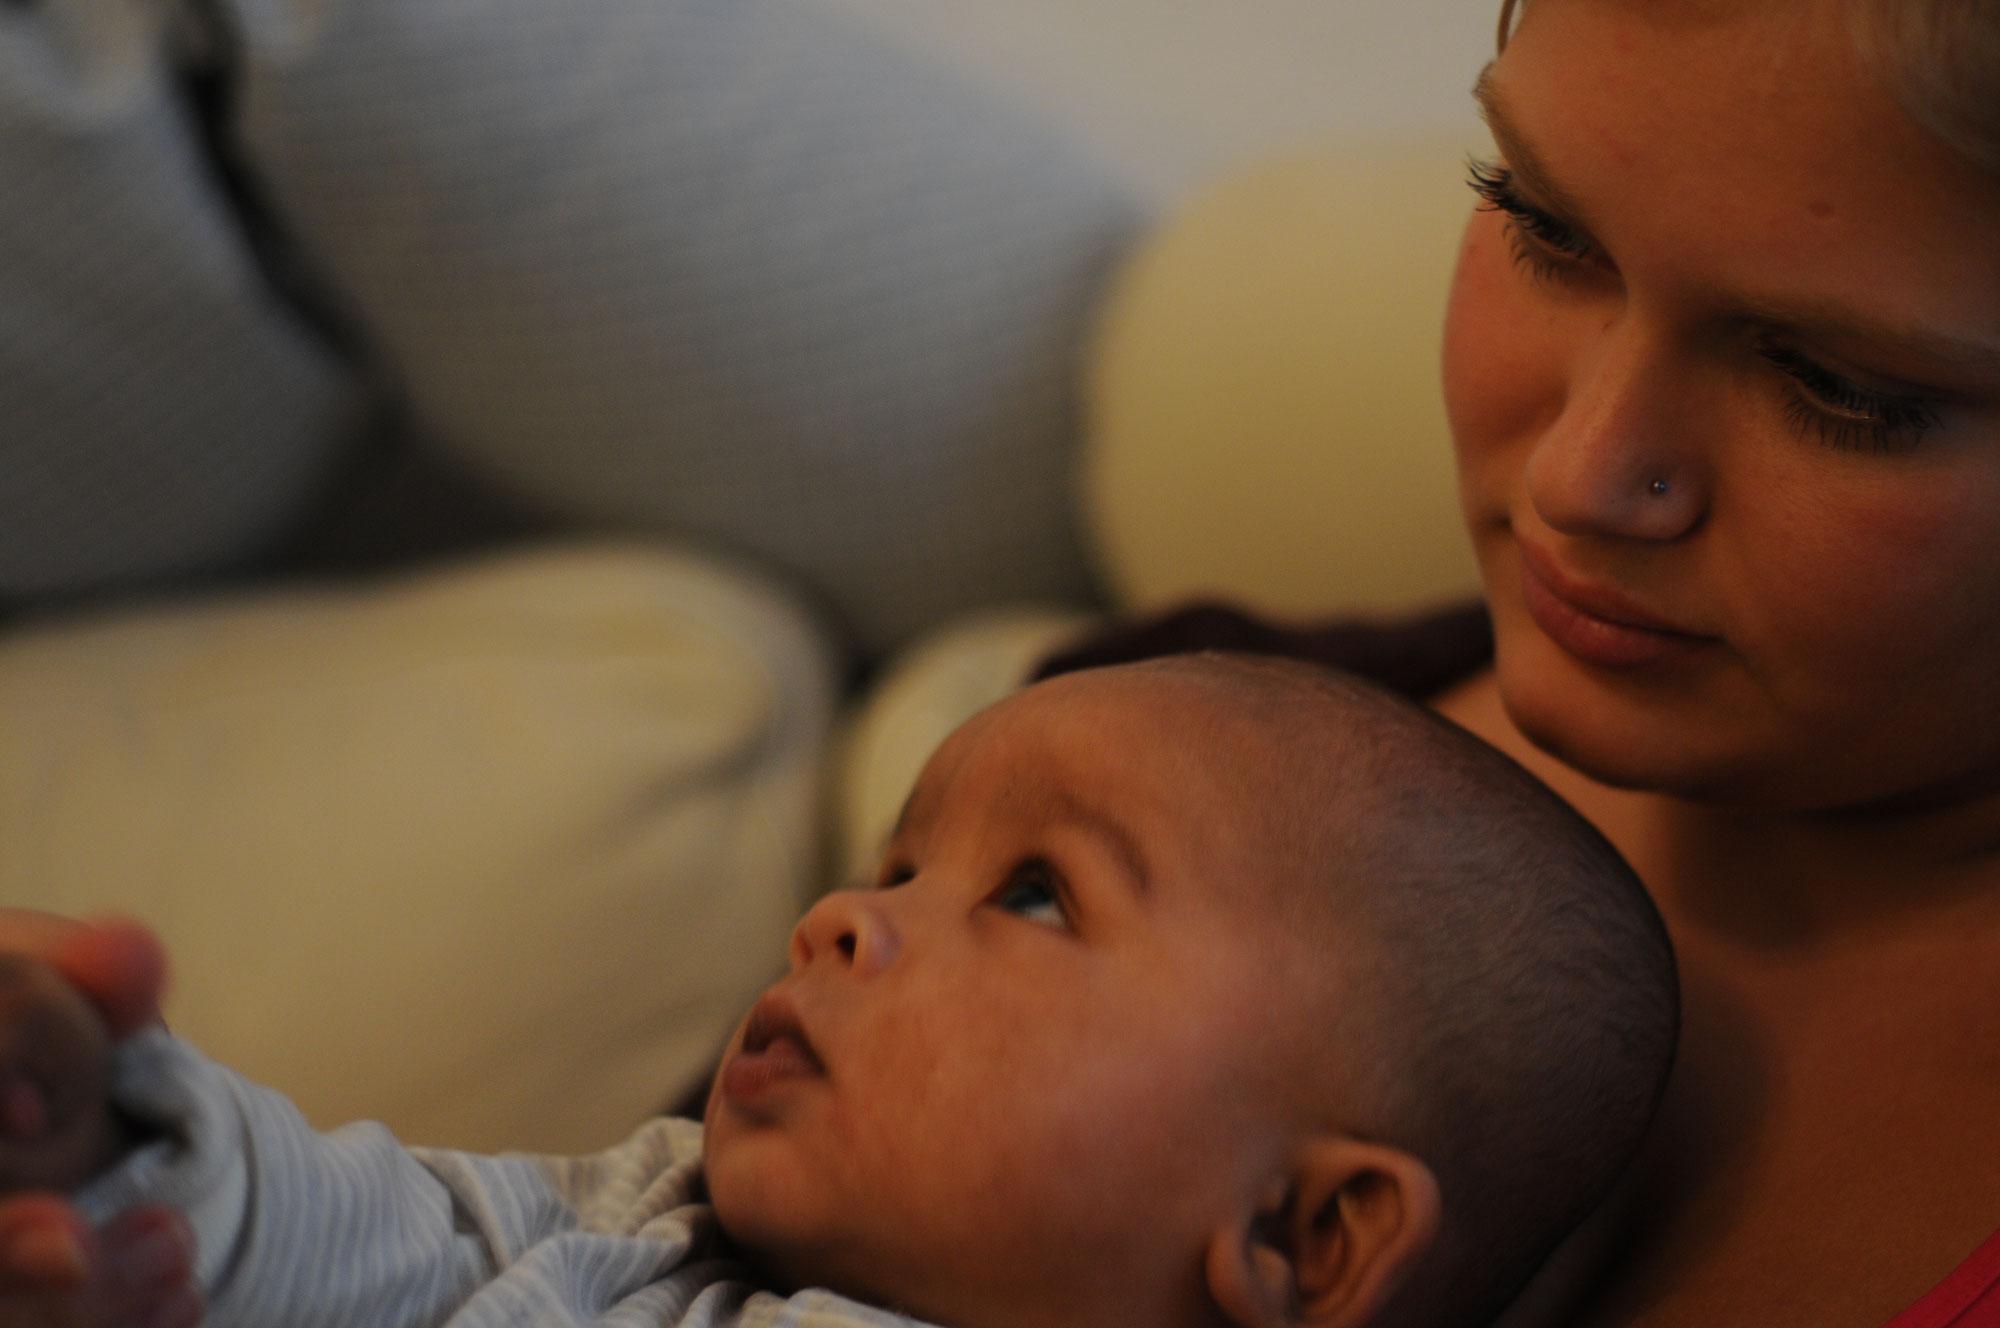 Warum die Rückbildung so irre wichtig für Mütter ist - Babelli Podcast Interview